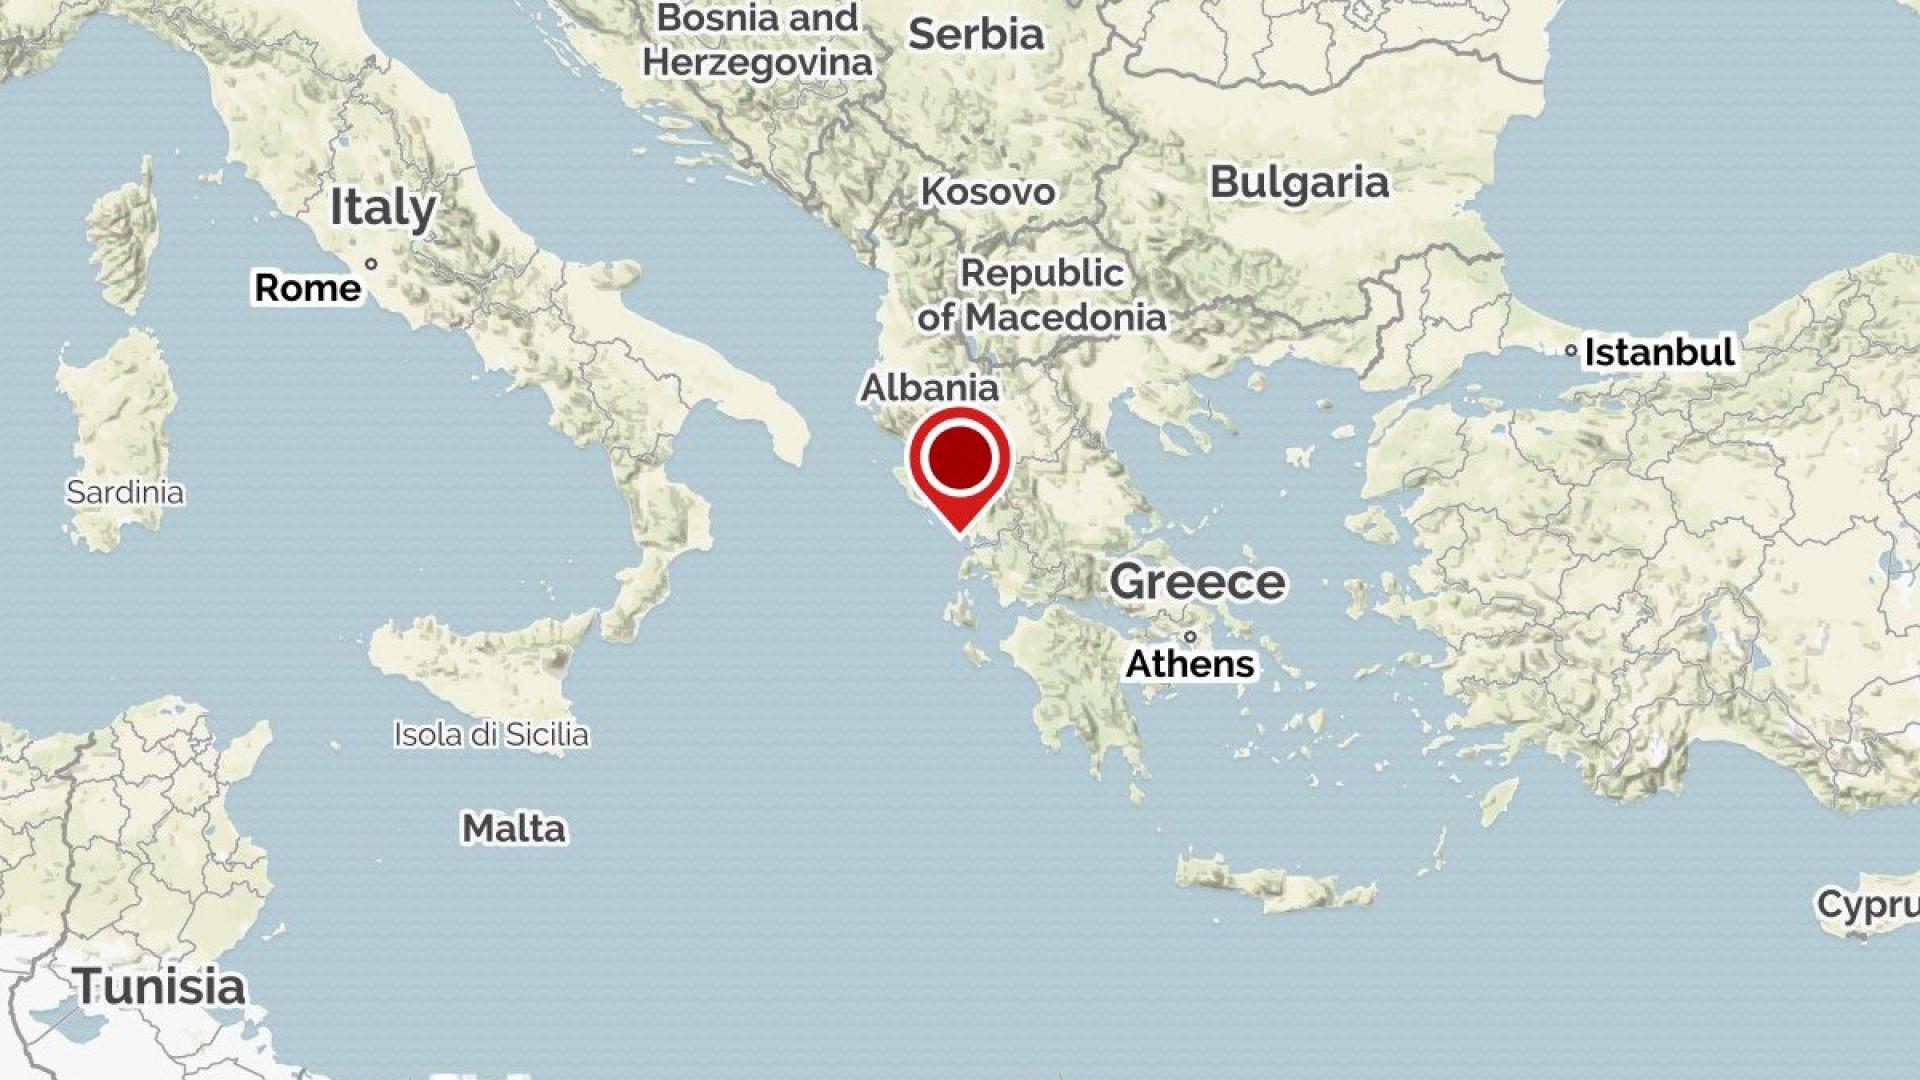 Трус от 5.2 по Рихтер разтърси Югозападна Гърция